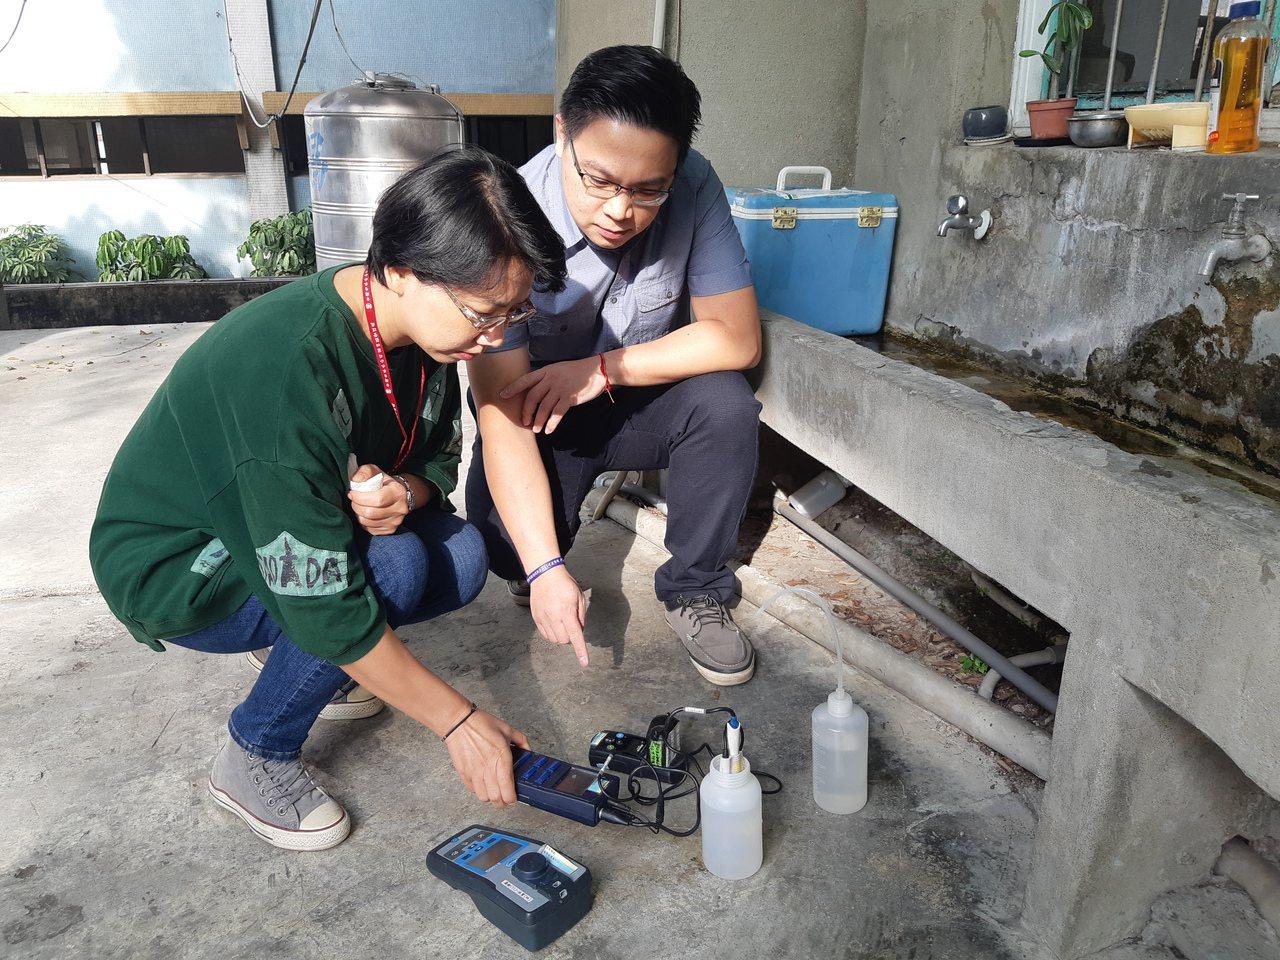 台灣自來水公司第四區處上午特別呼籲,水公司不會主動派員赴用戶住家檢測水質並收取費...